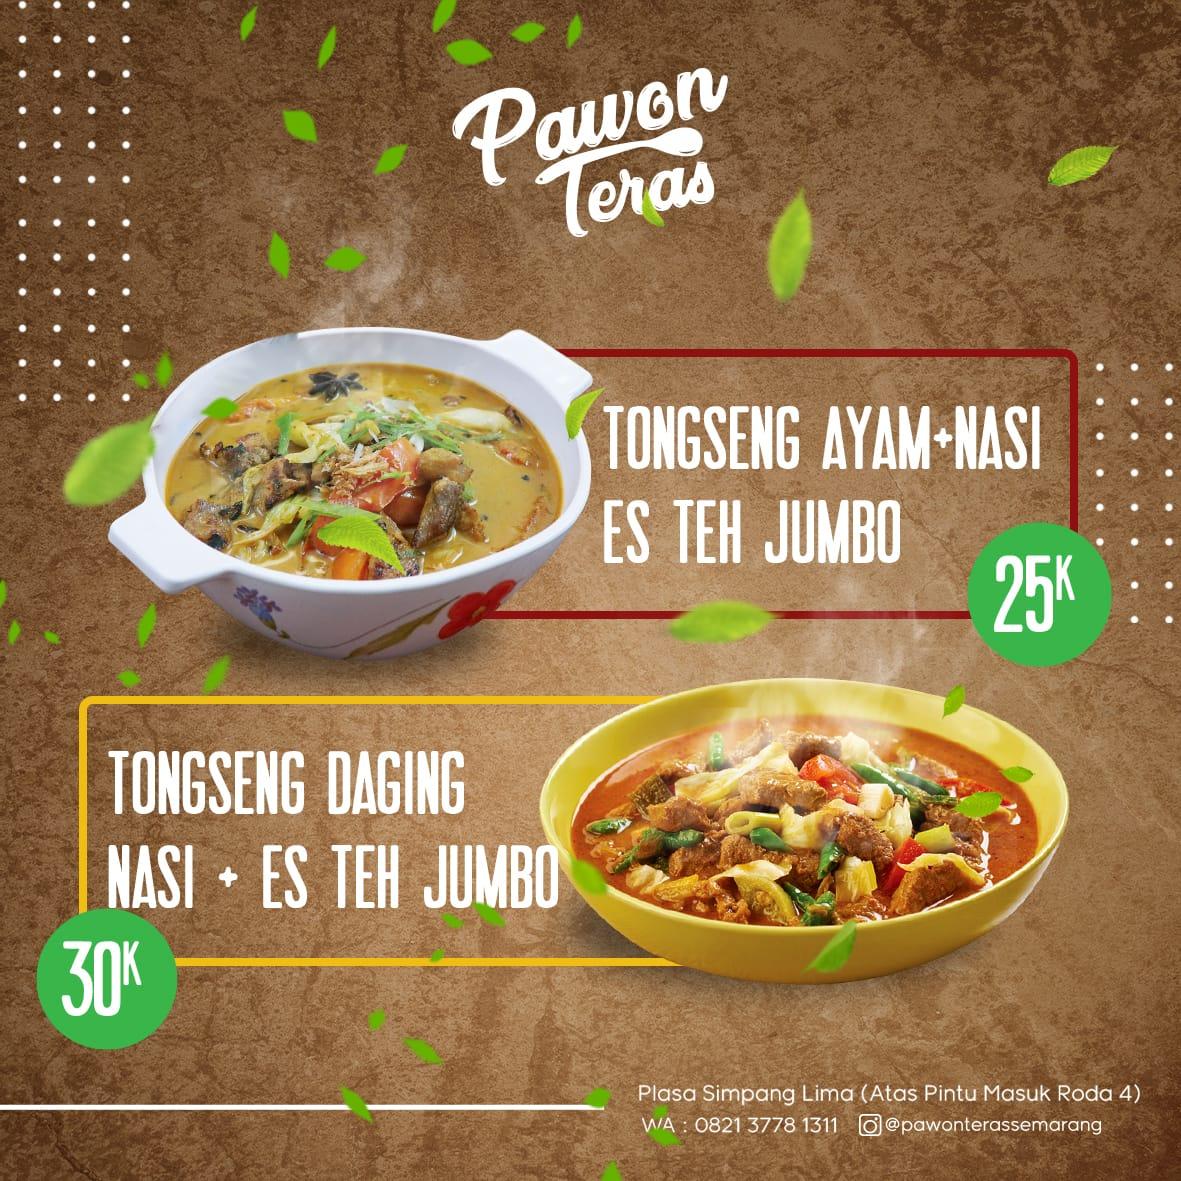 Promo Paket Tongseng Pawon Teras